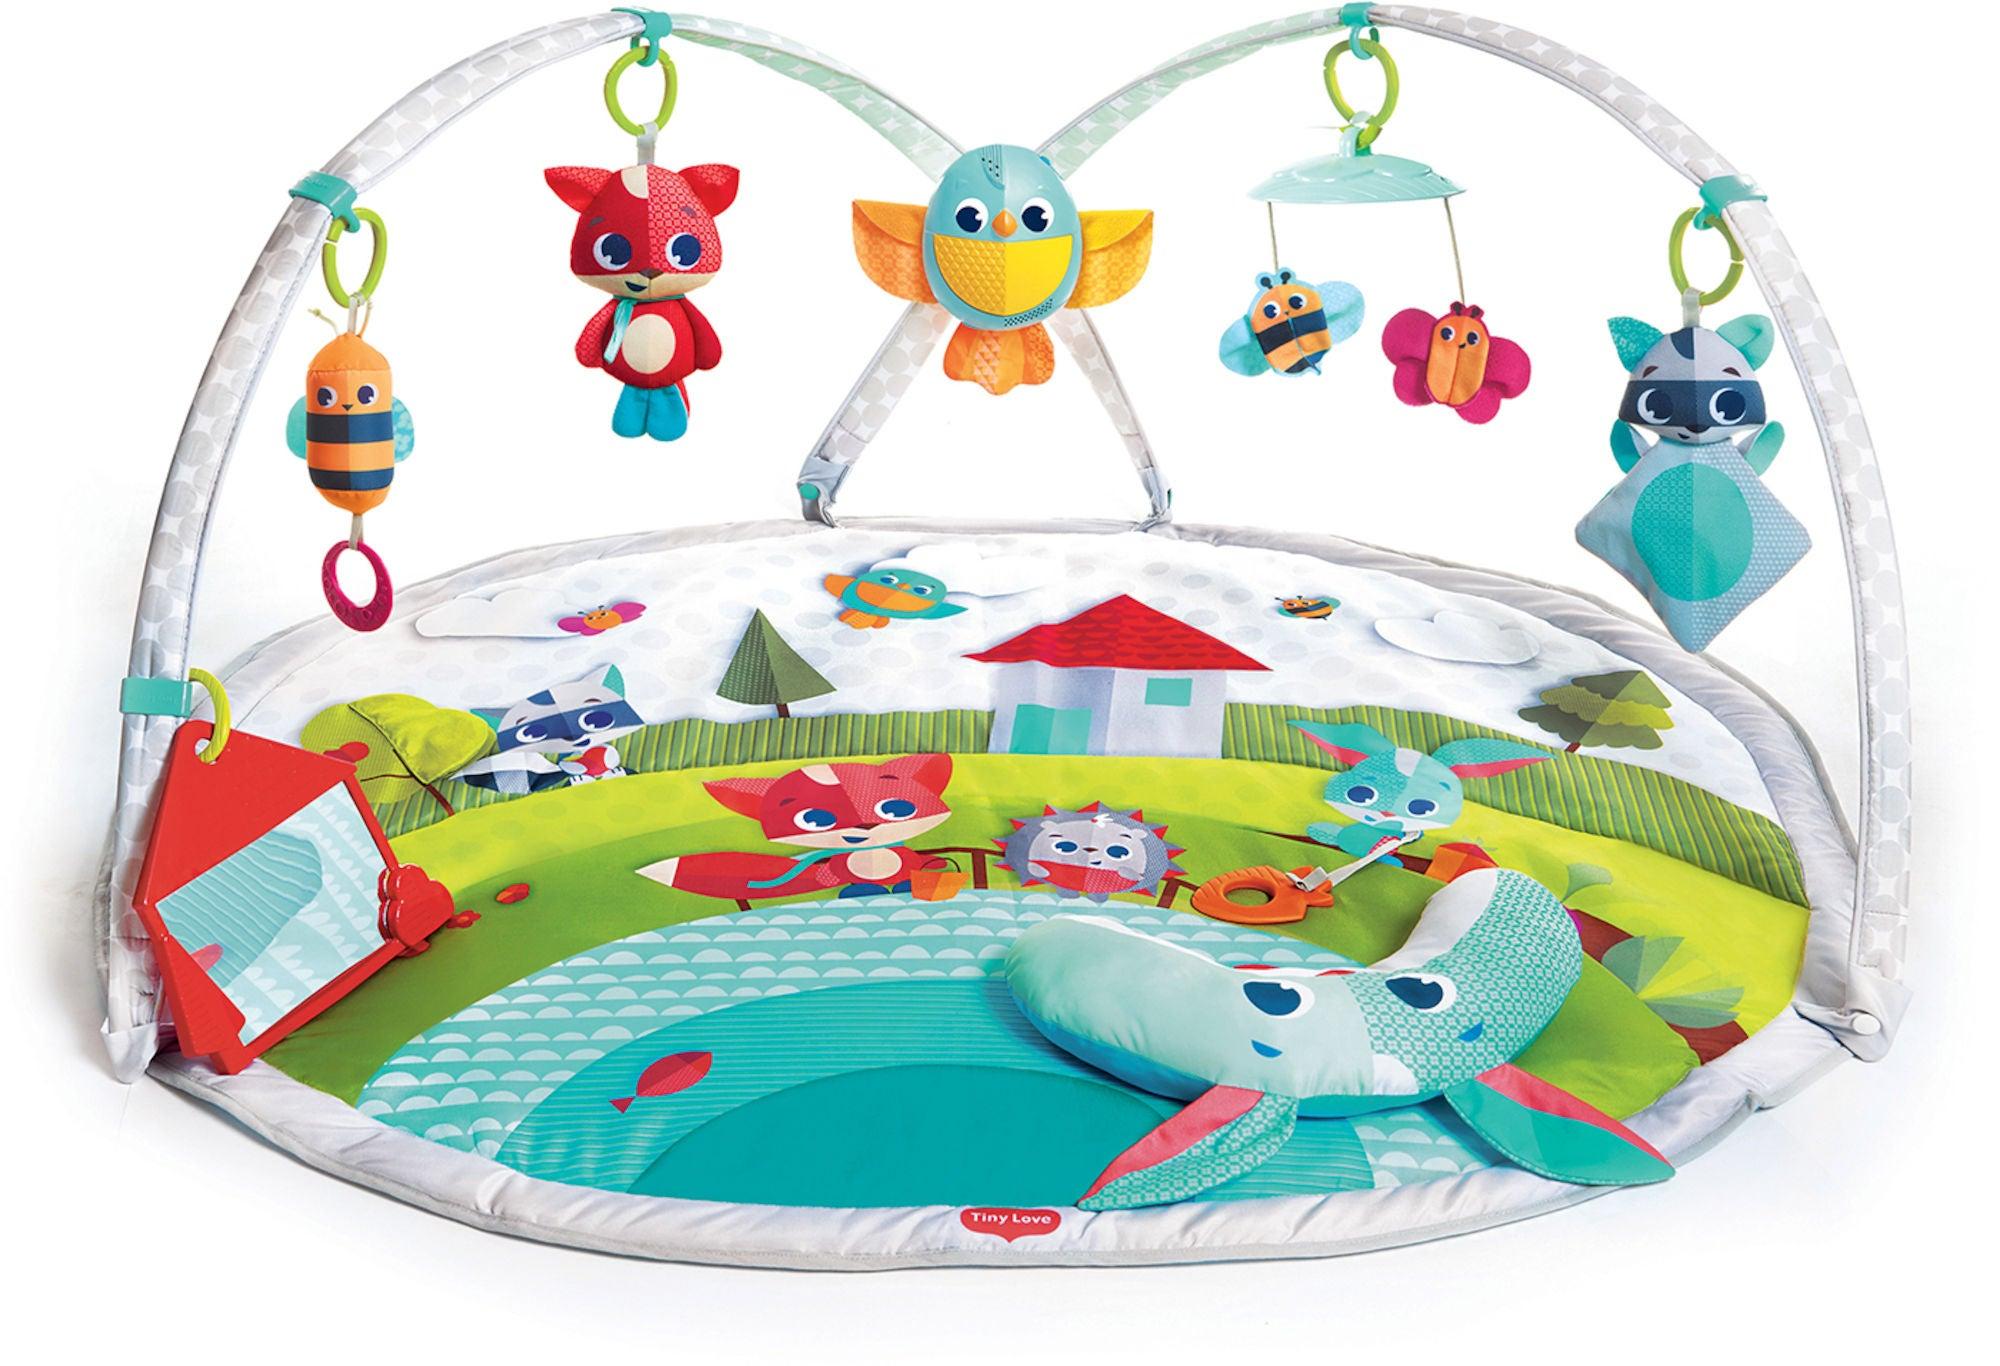 Splinternye Aktivitetstæpper | Aktivitets- og legetæpper til baby | Jollyroom EH-74